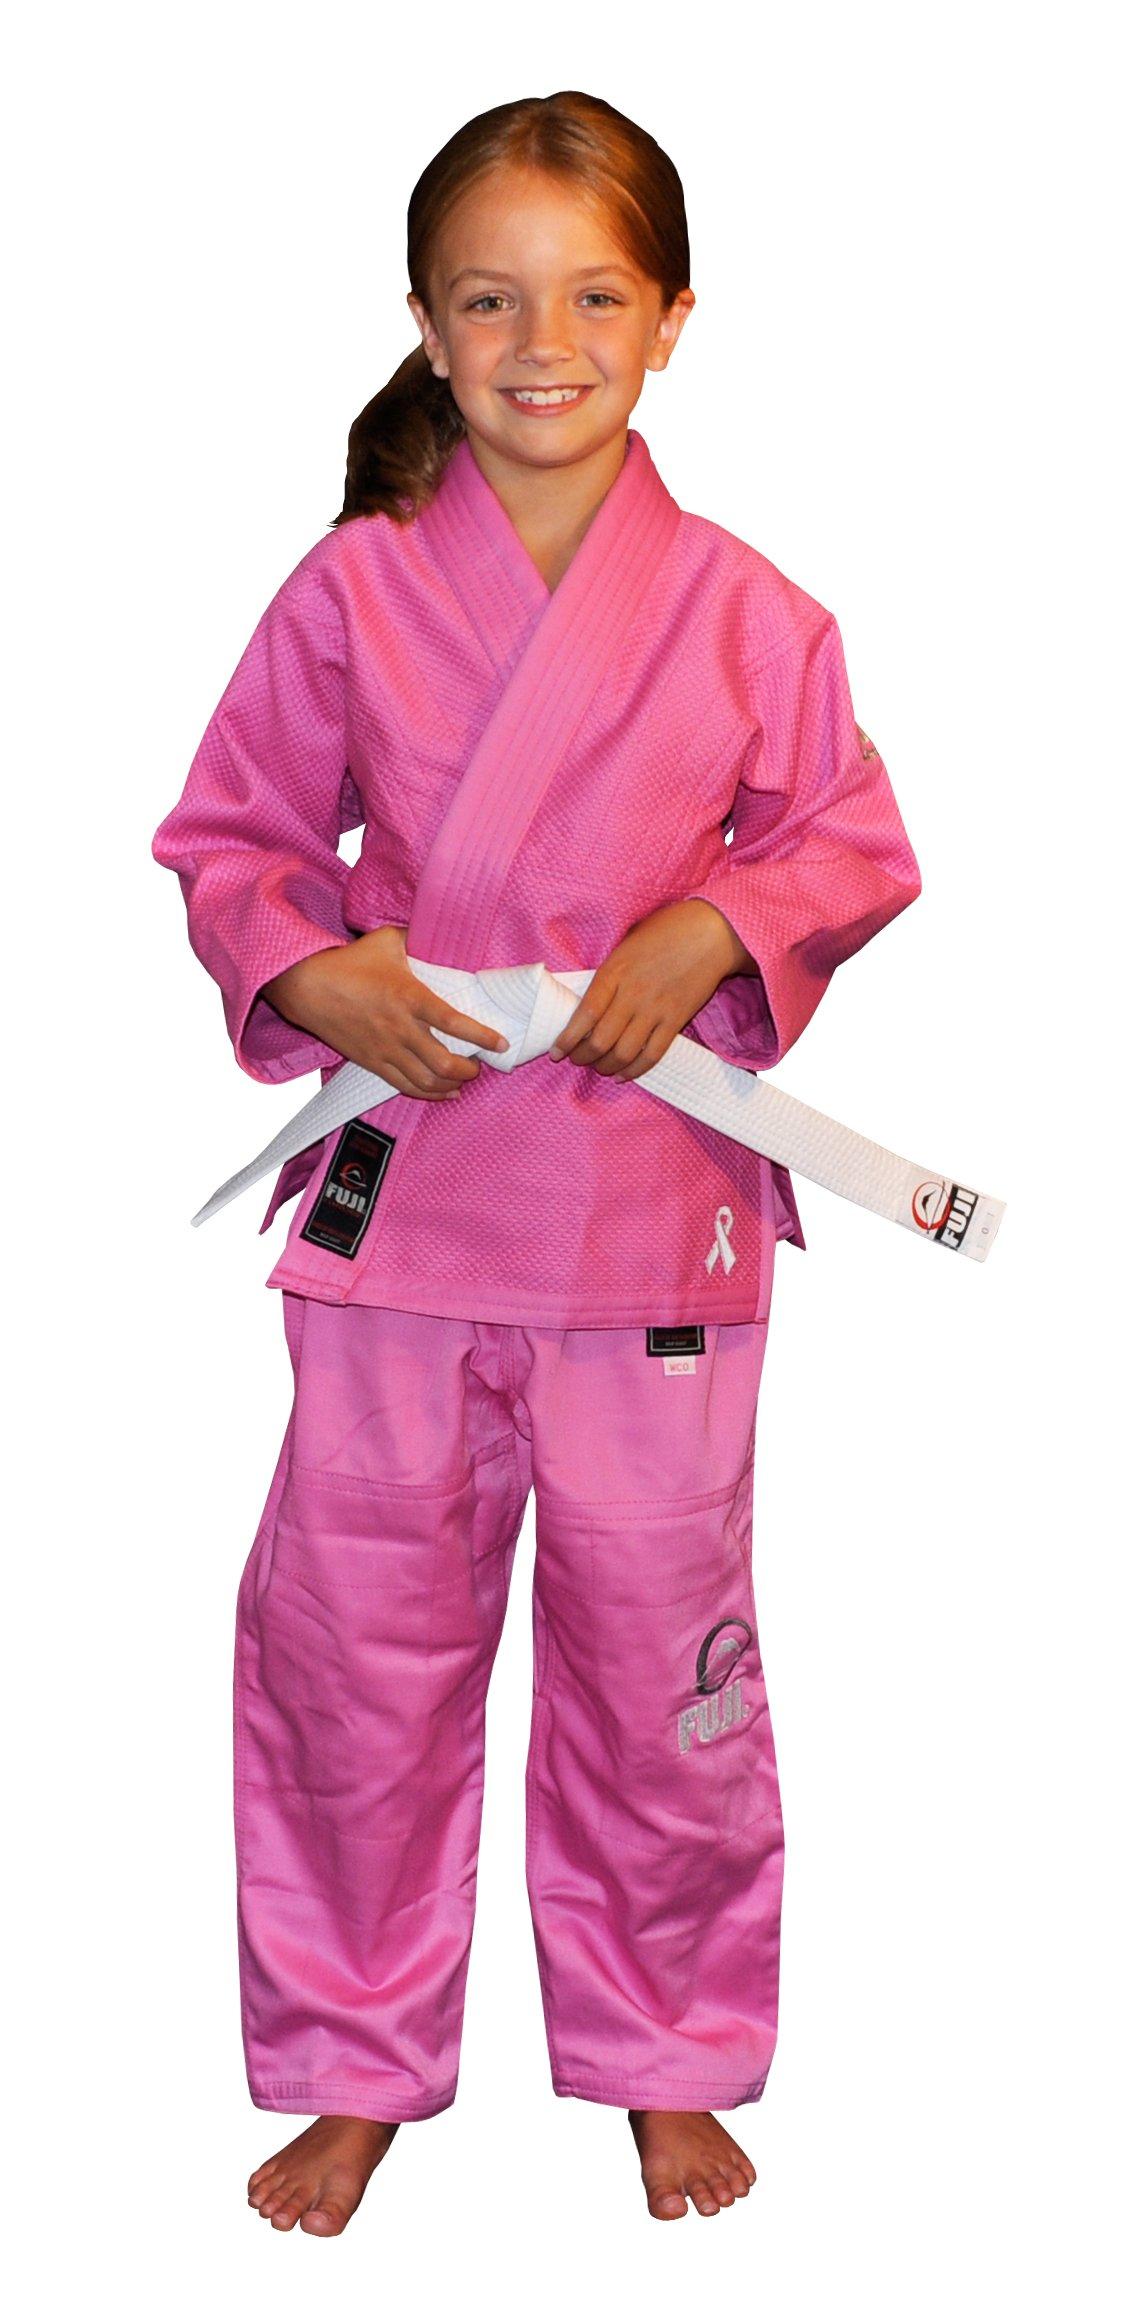 Fuji Kid's BJJ Uniform, Pink, WC00 by Fuji